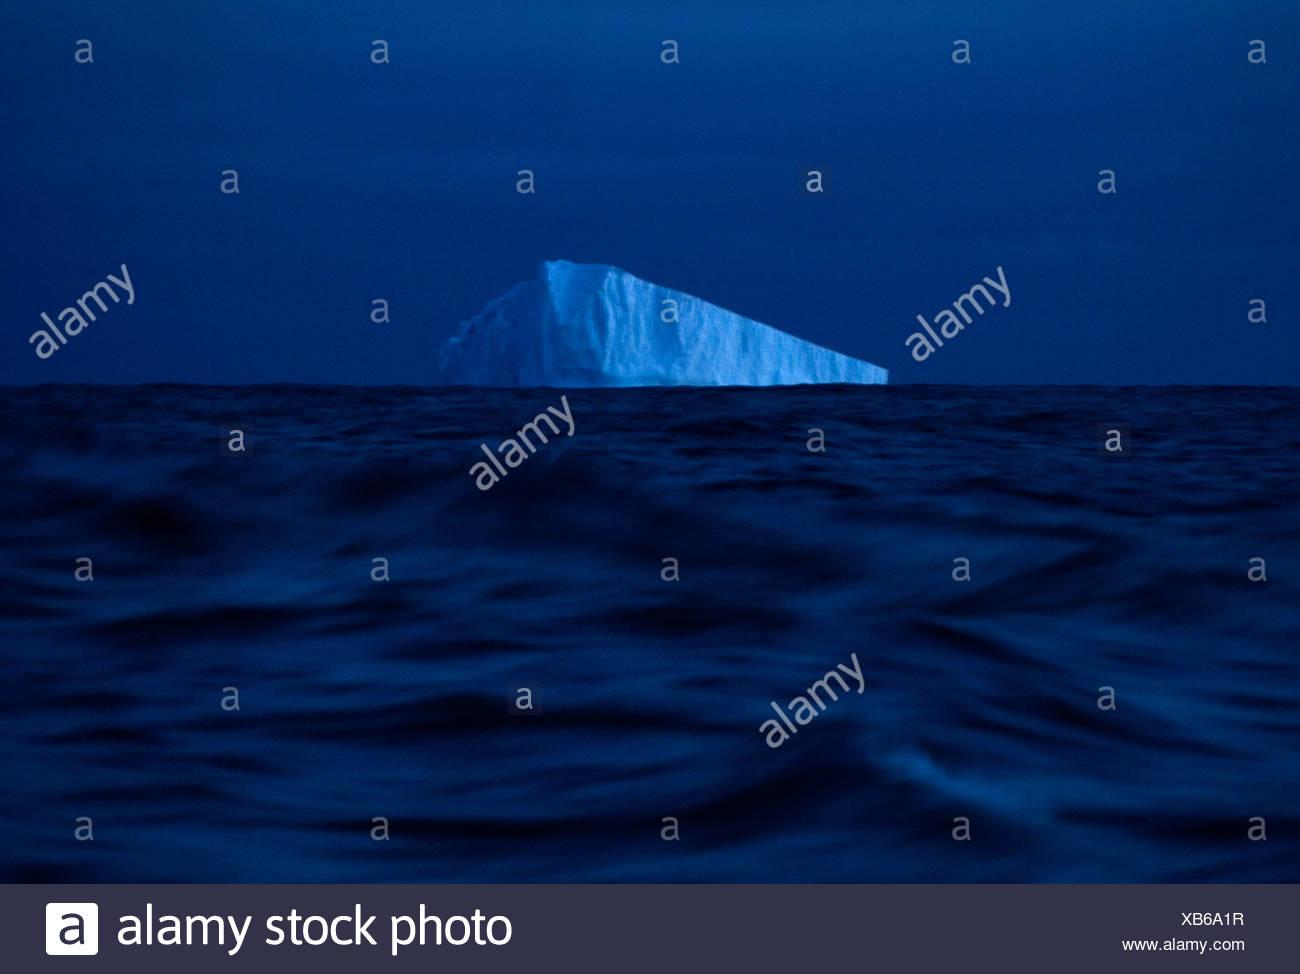 Eis-Wagen aus den Gewässern der Antarktis. Stockfoto